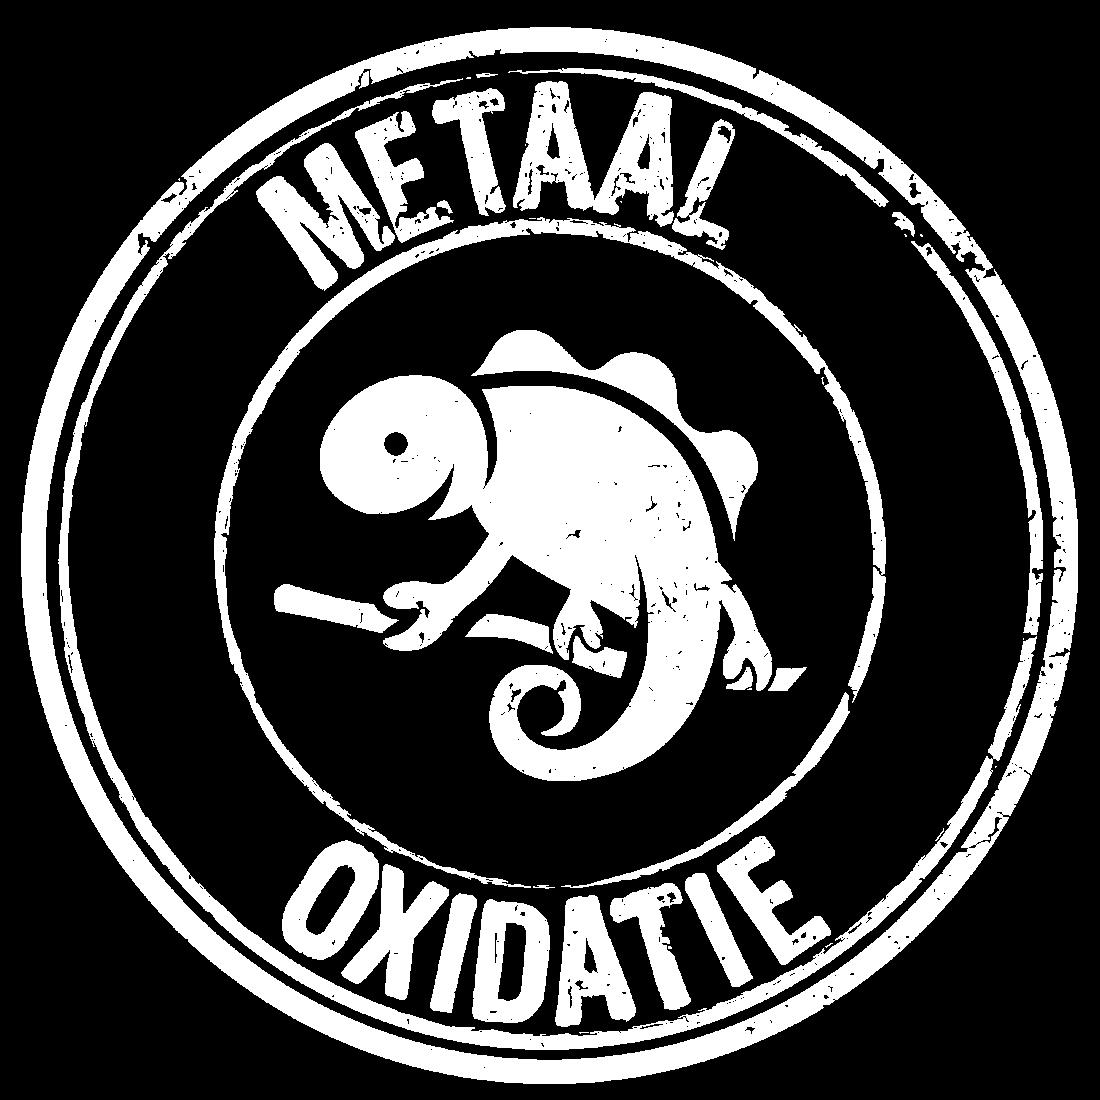 Metaal-oxidatie.png